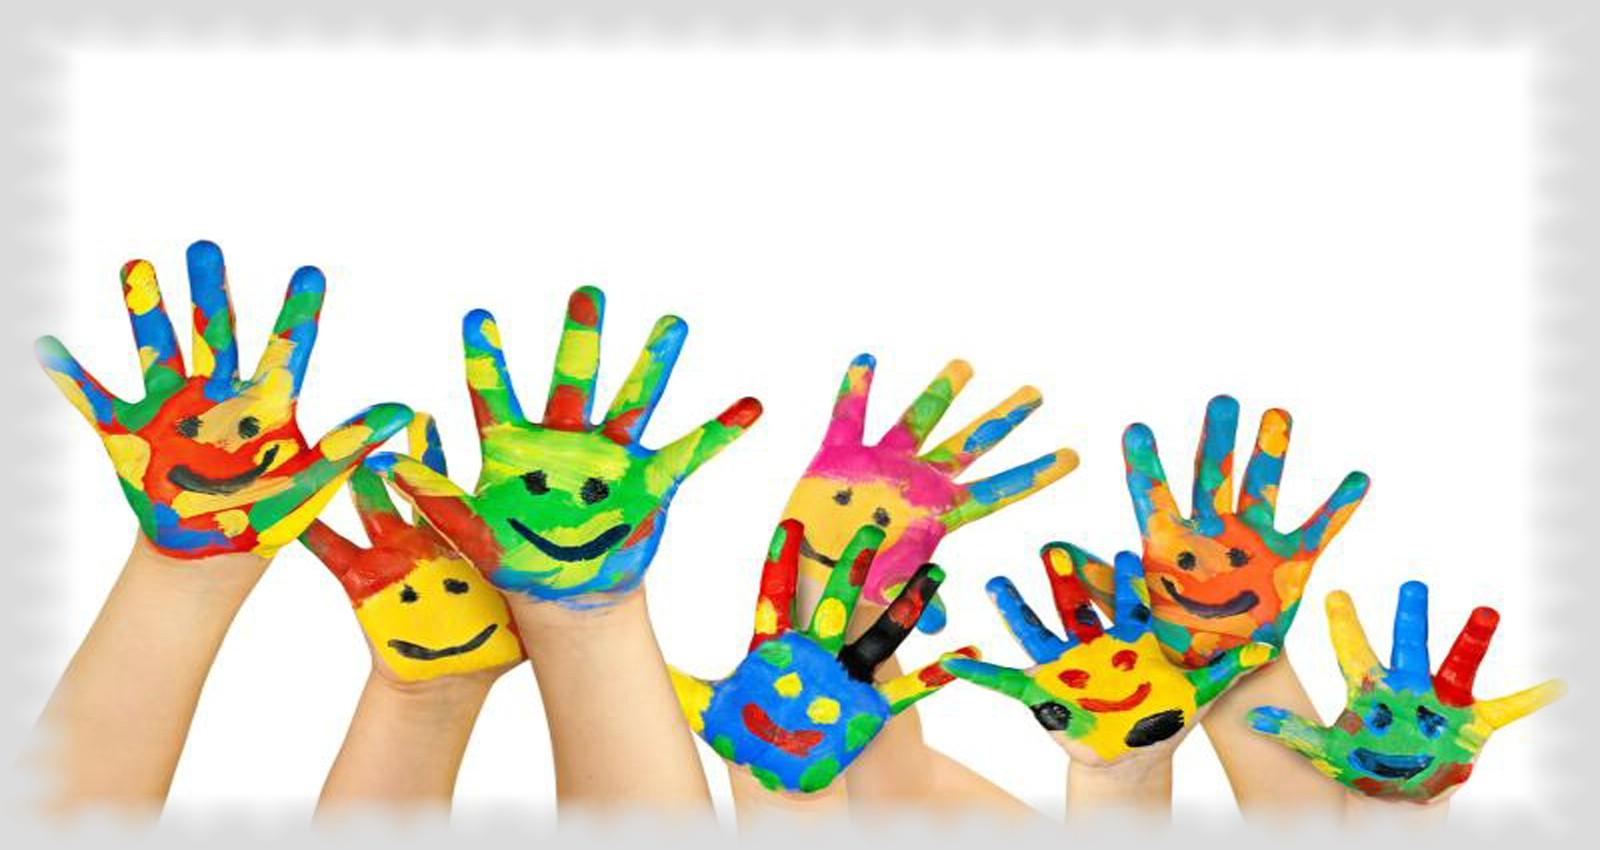 Στόχος μας είναι τα παιδιά να μαθαίνουν μέσα από το παιχνίδι και τη χαρά